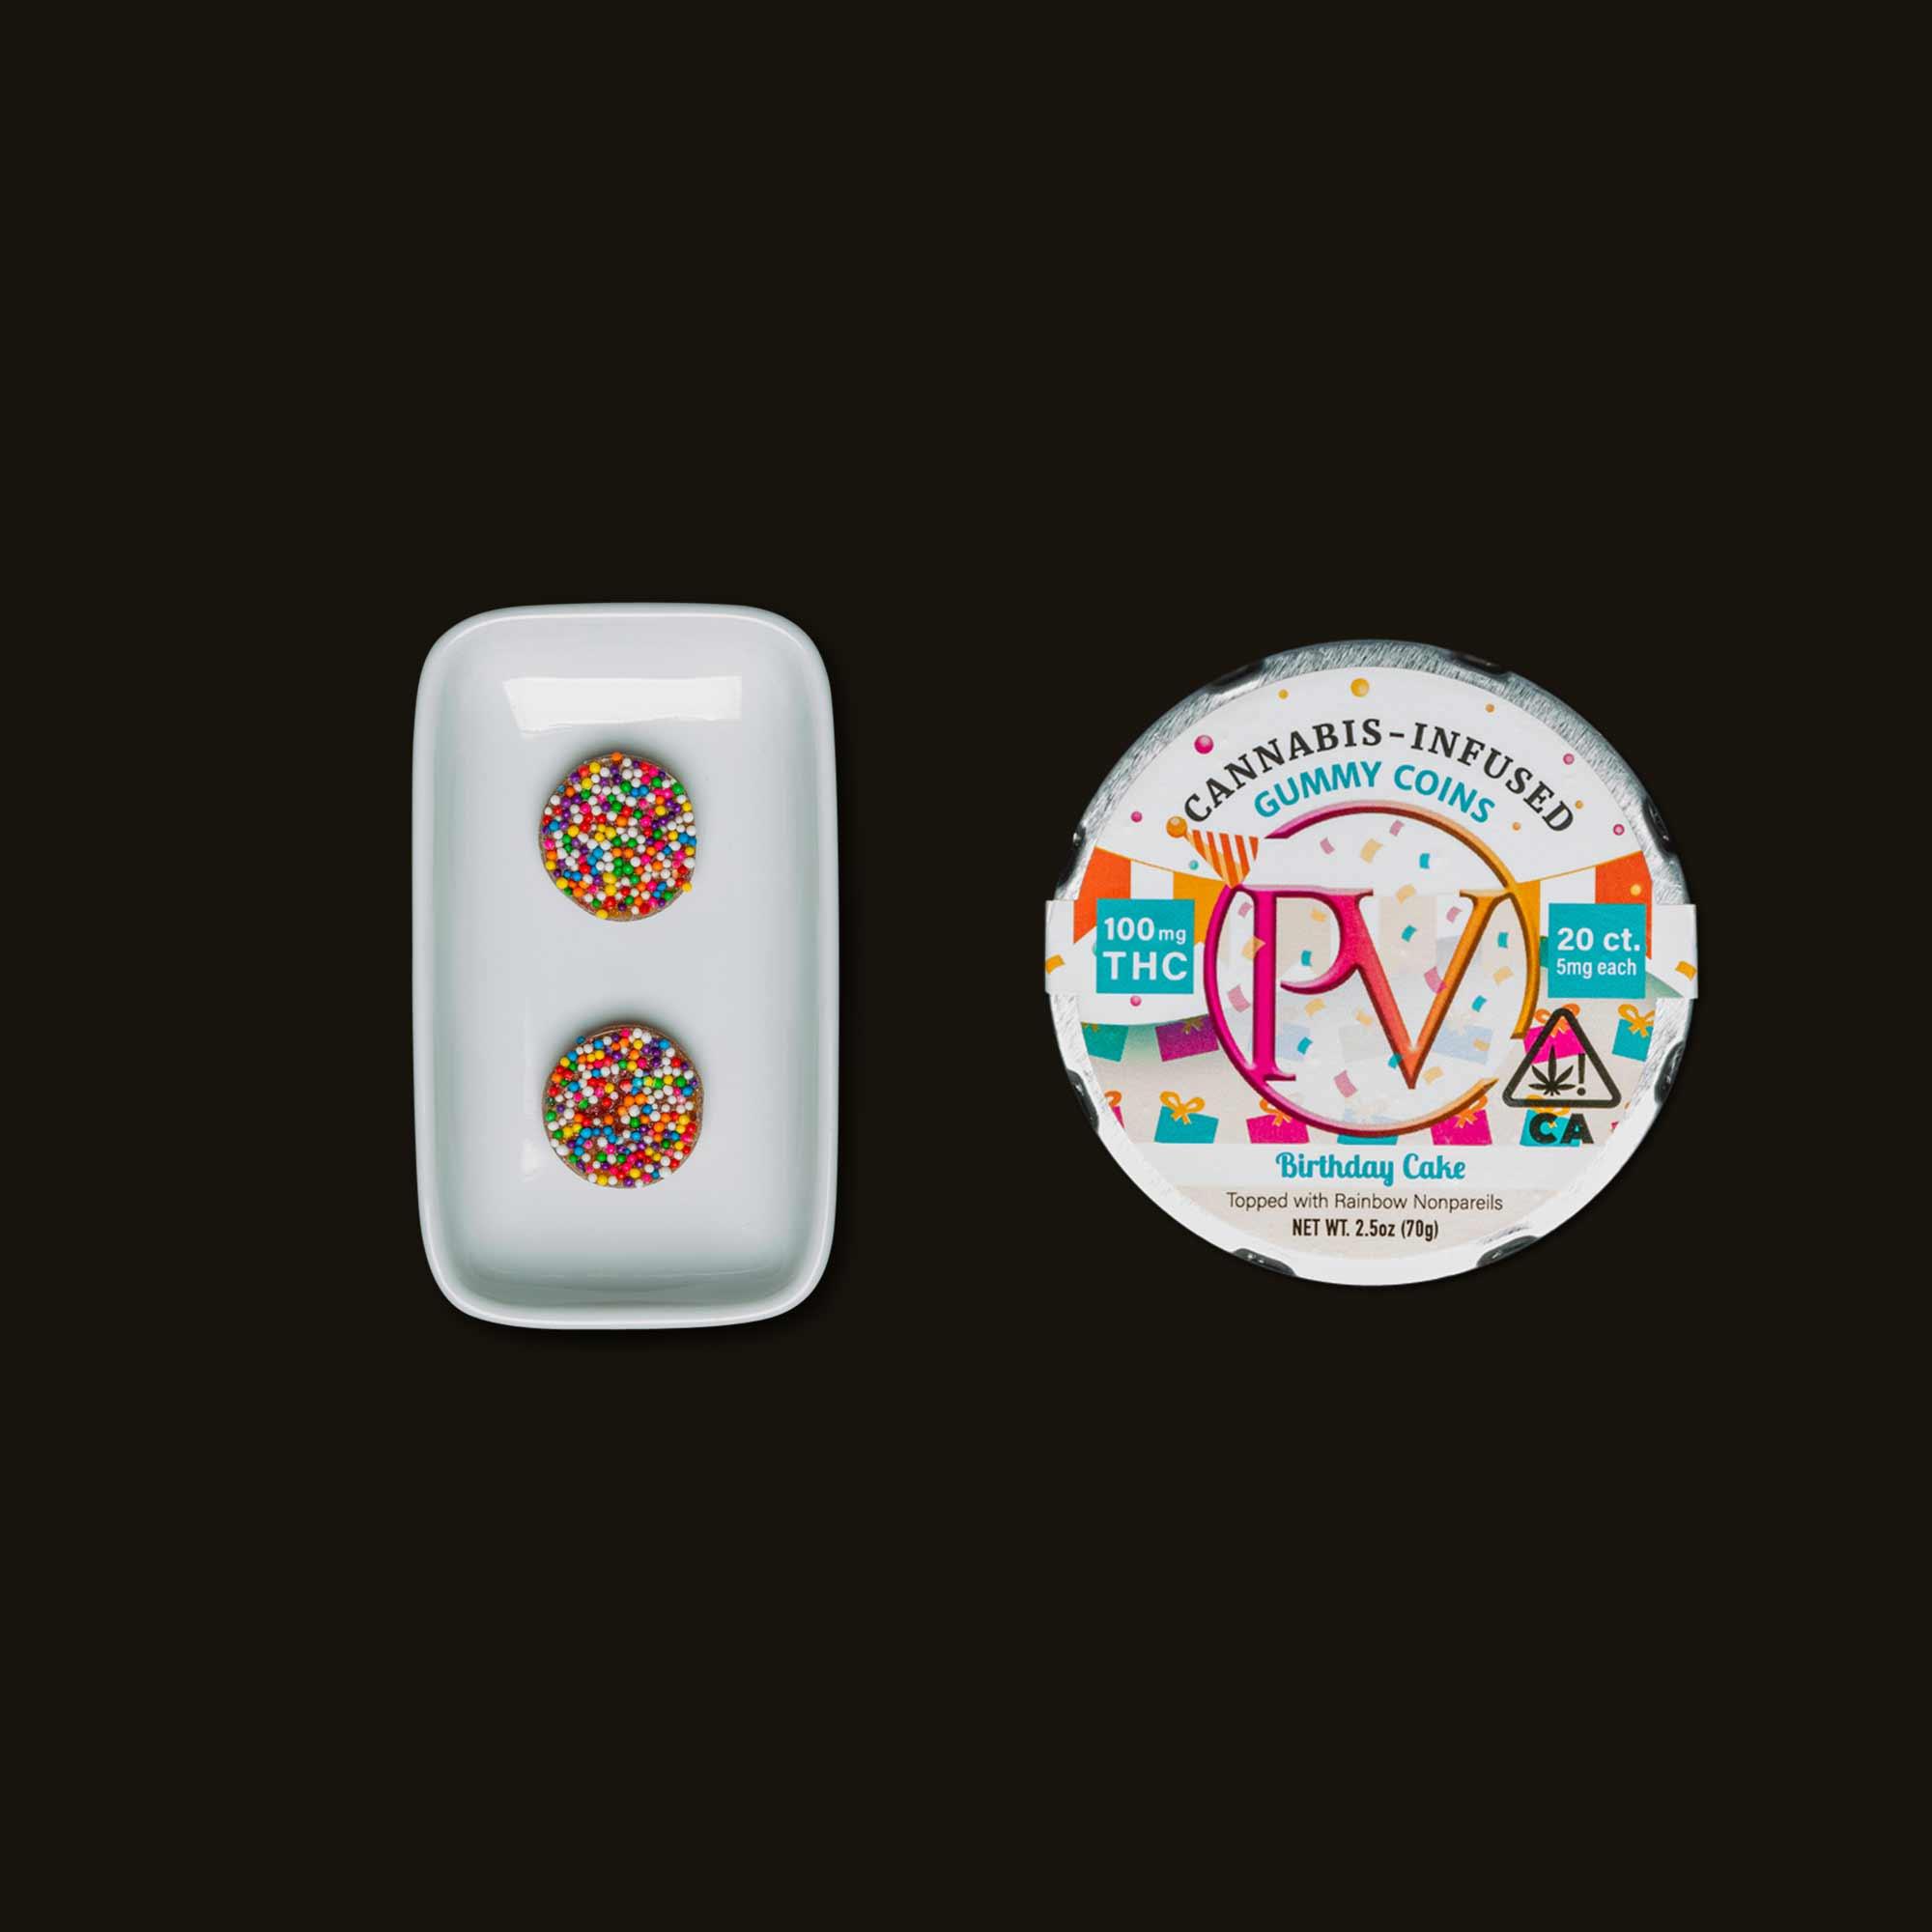 Platinum Birthday Cake Gummy Coins